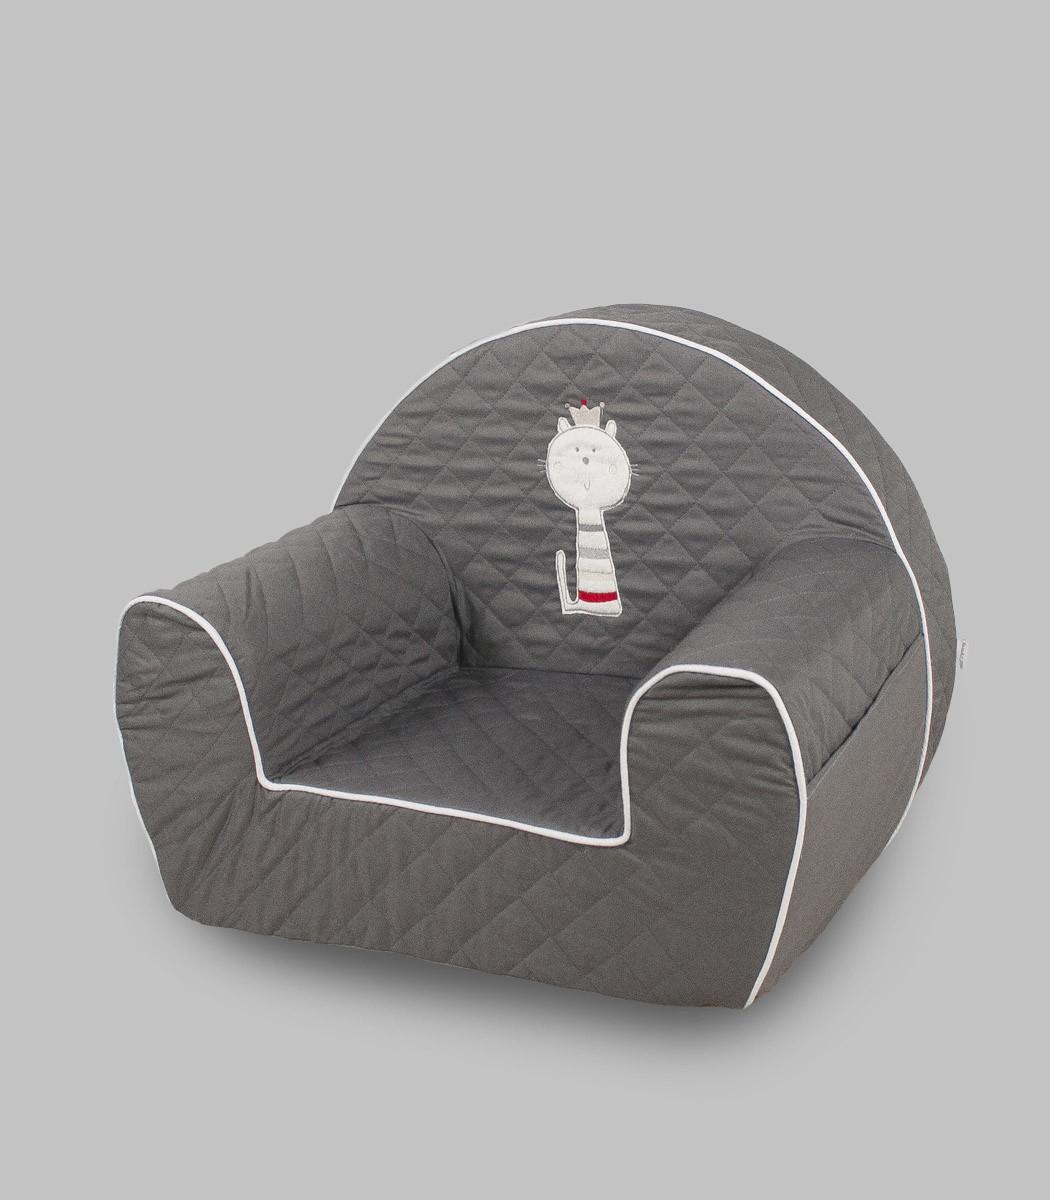 fauteuil en mousse bébé